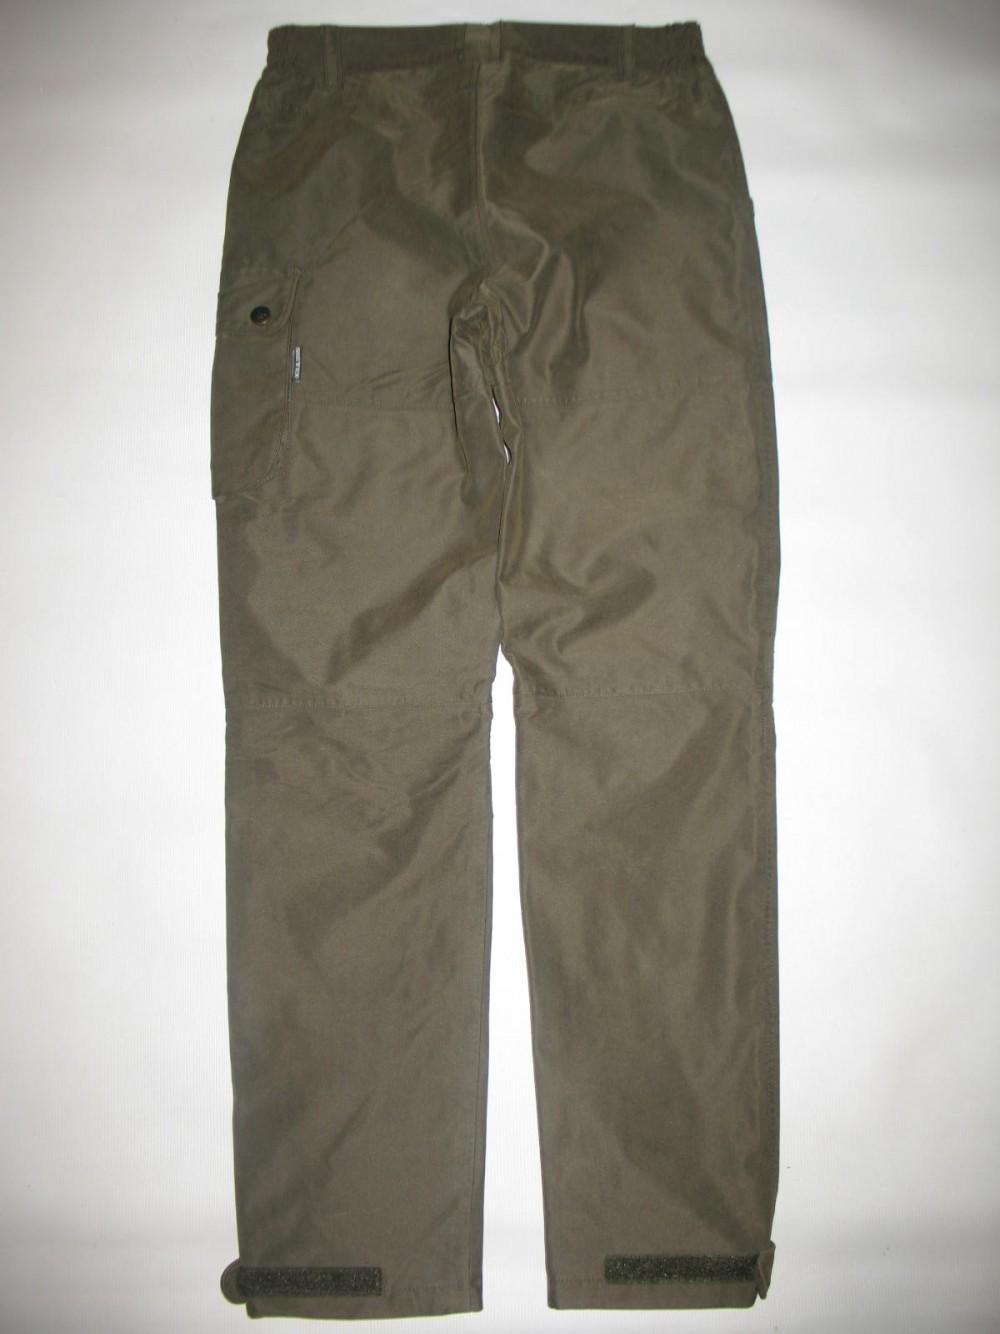 Штаны SEELAND woodcock kids pants (размер 16(взрослый S/XS) - 3